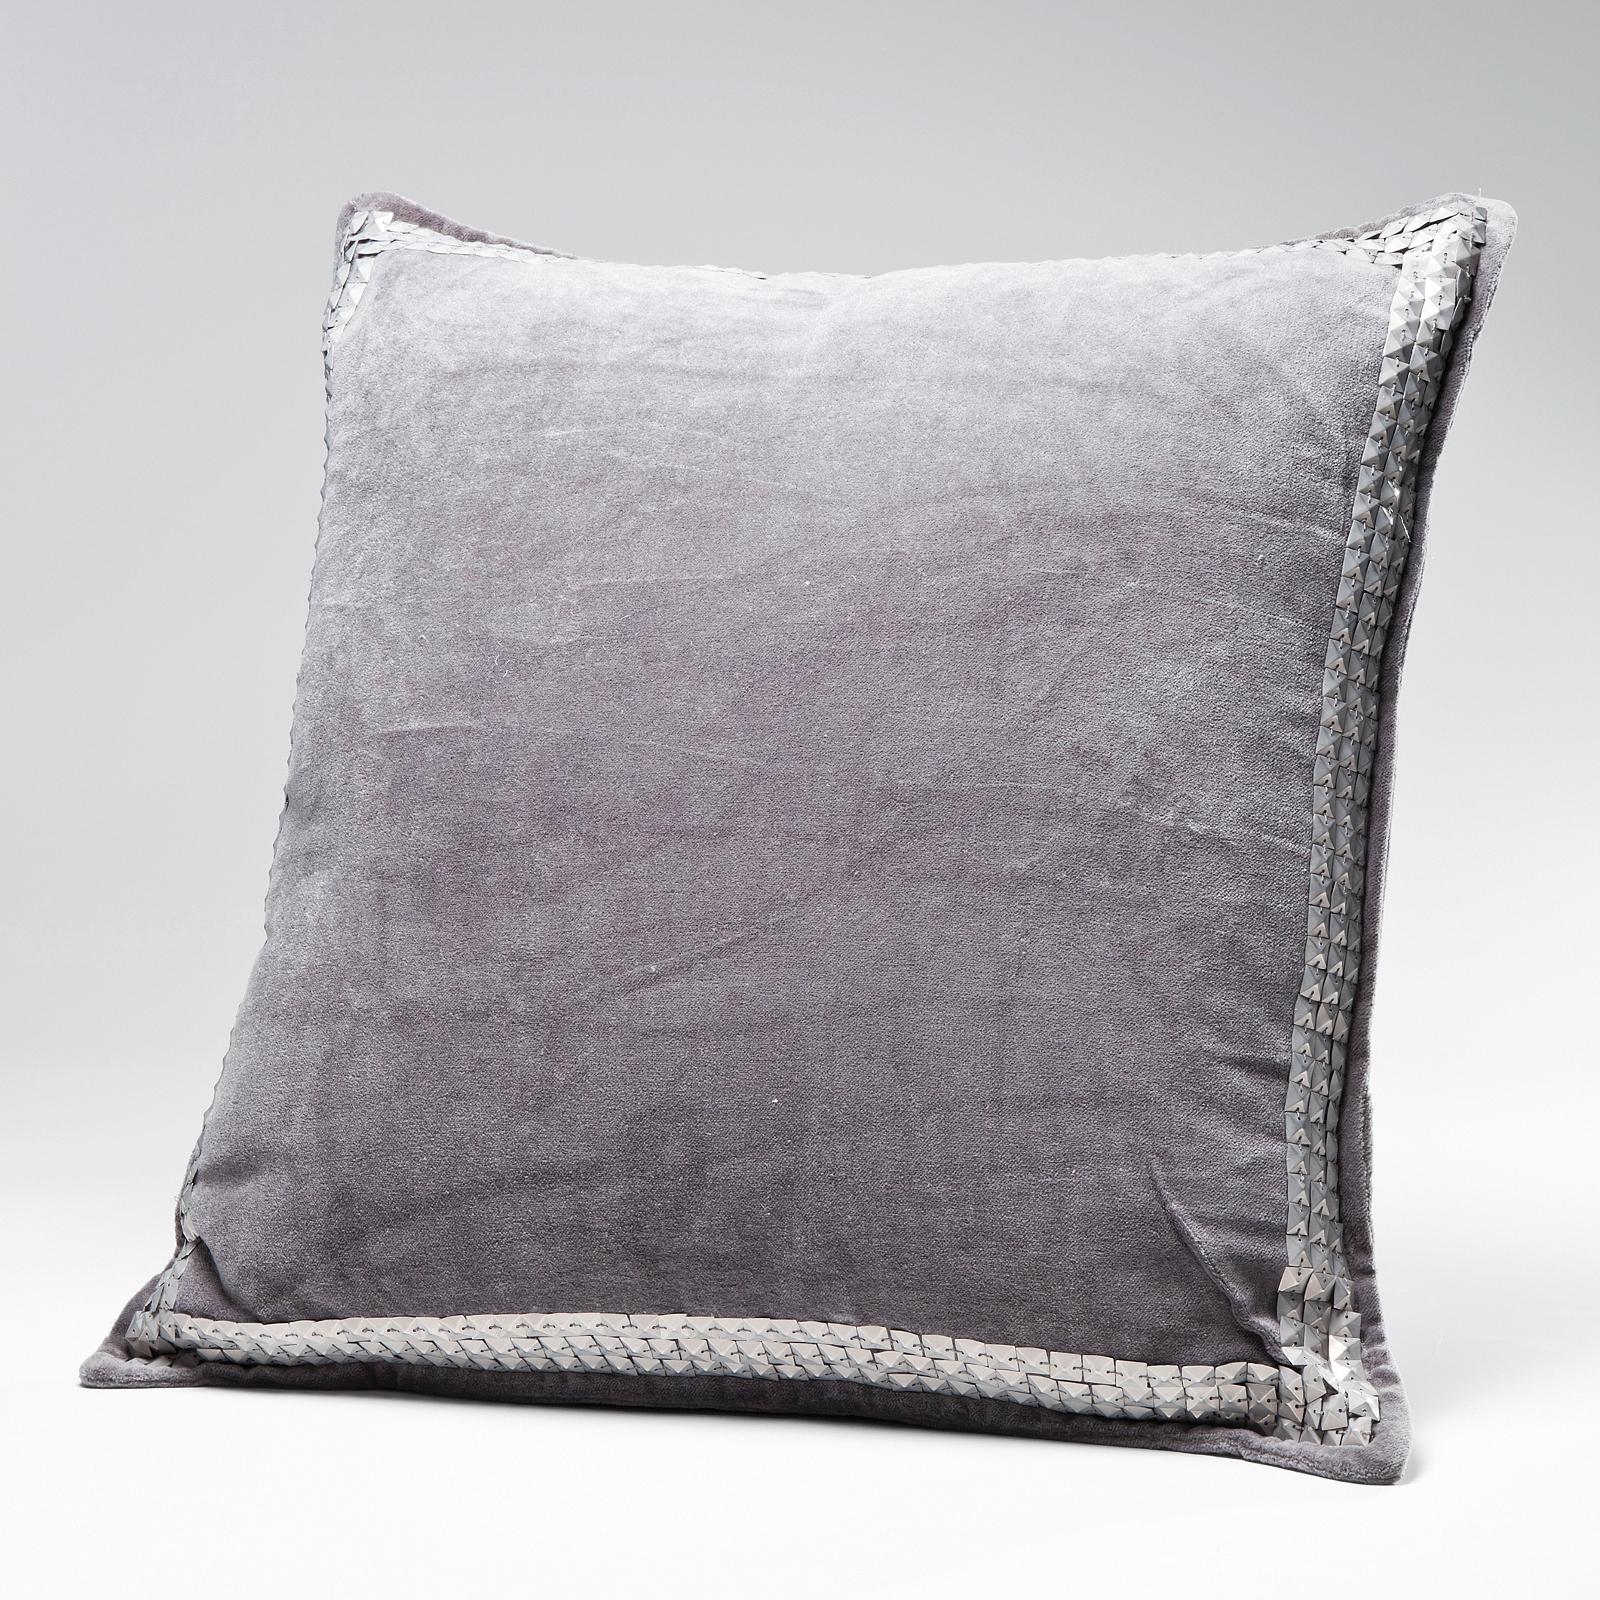 glamour kissen mit pailletten 45 x 45 cm zierkissen grau ebay. Black Bedroom Furniture Sets. Home Design Ideas